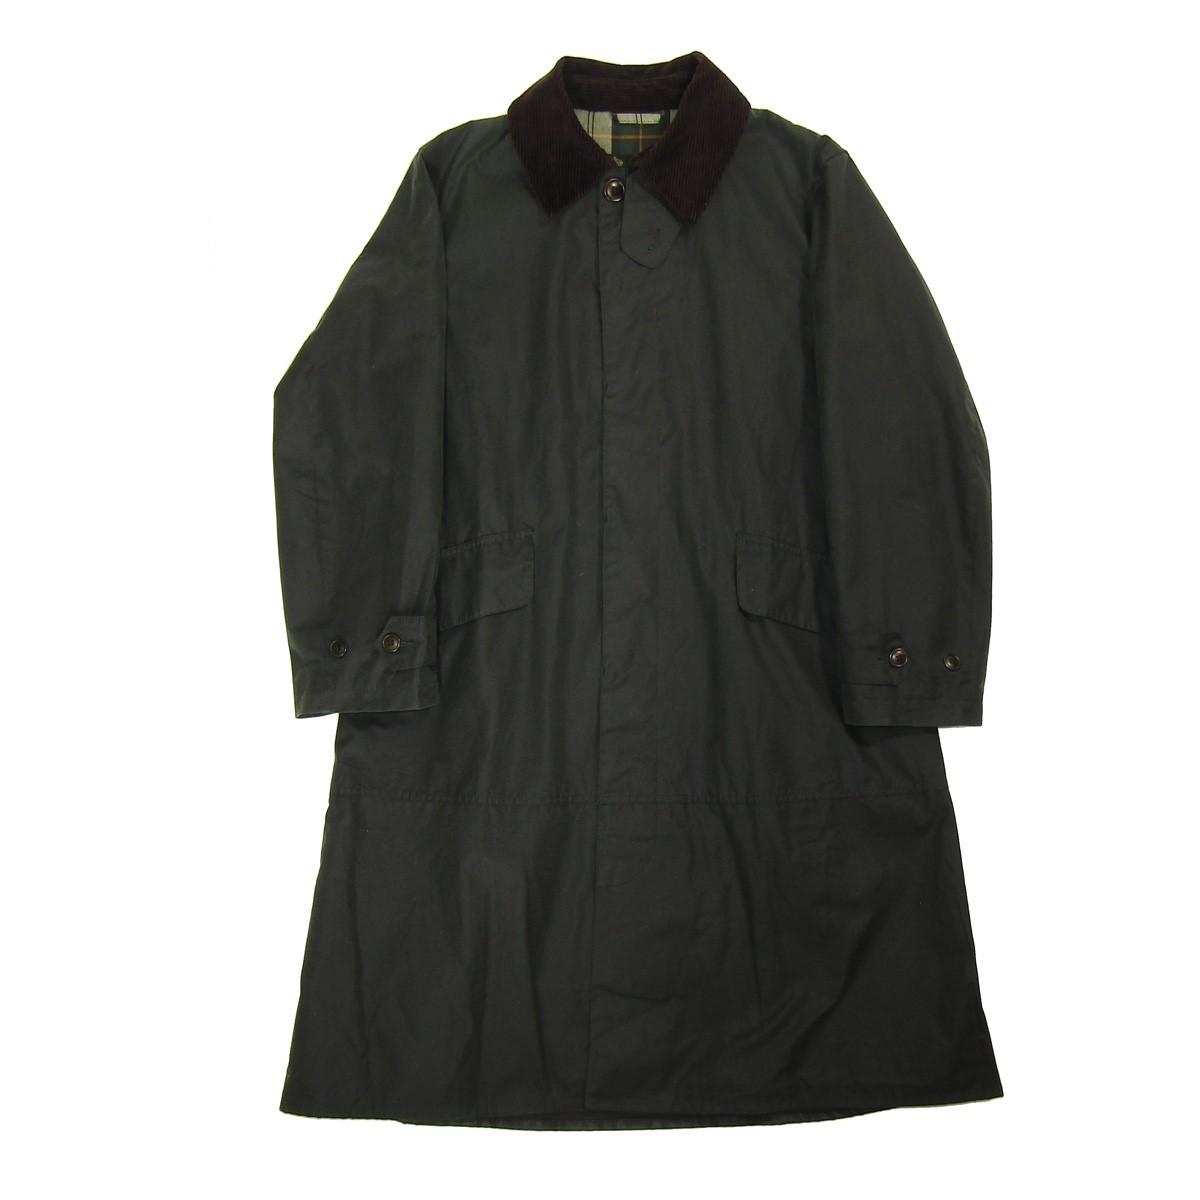 【中古】Barbour SINGLE BREASTED COAT/オイルドコート カーキ サイズ:38 【150520】(バブアー)